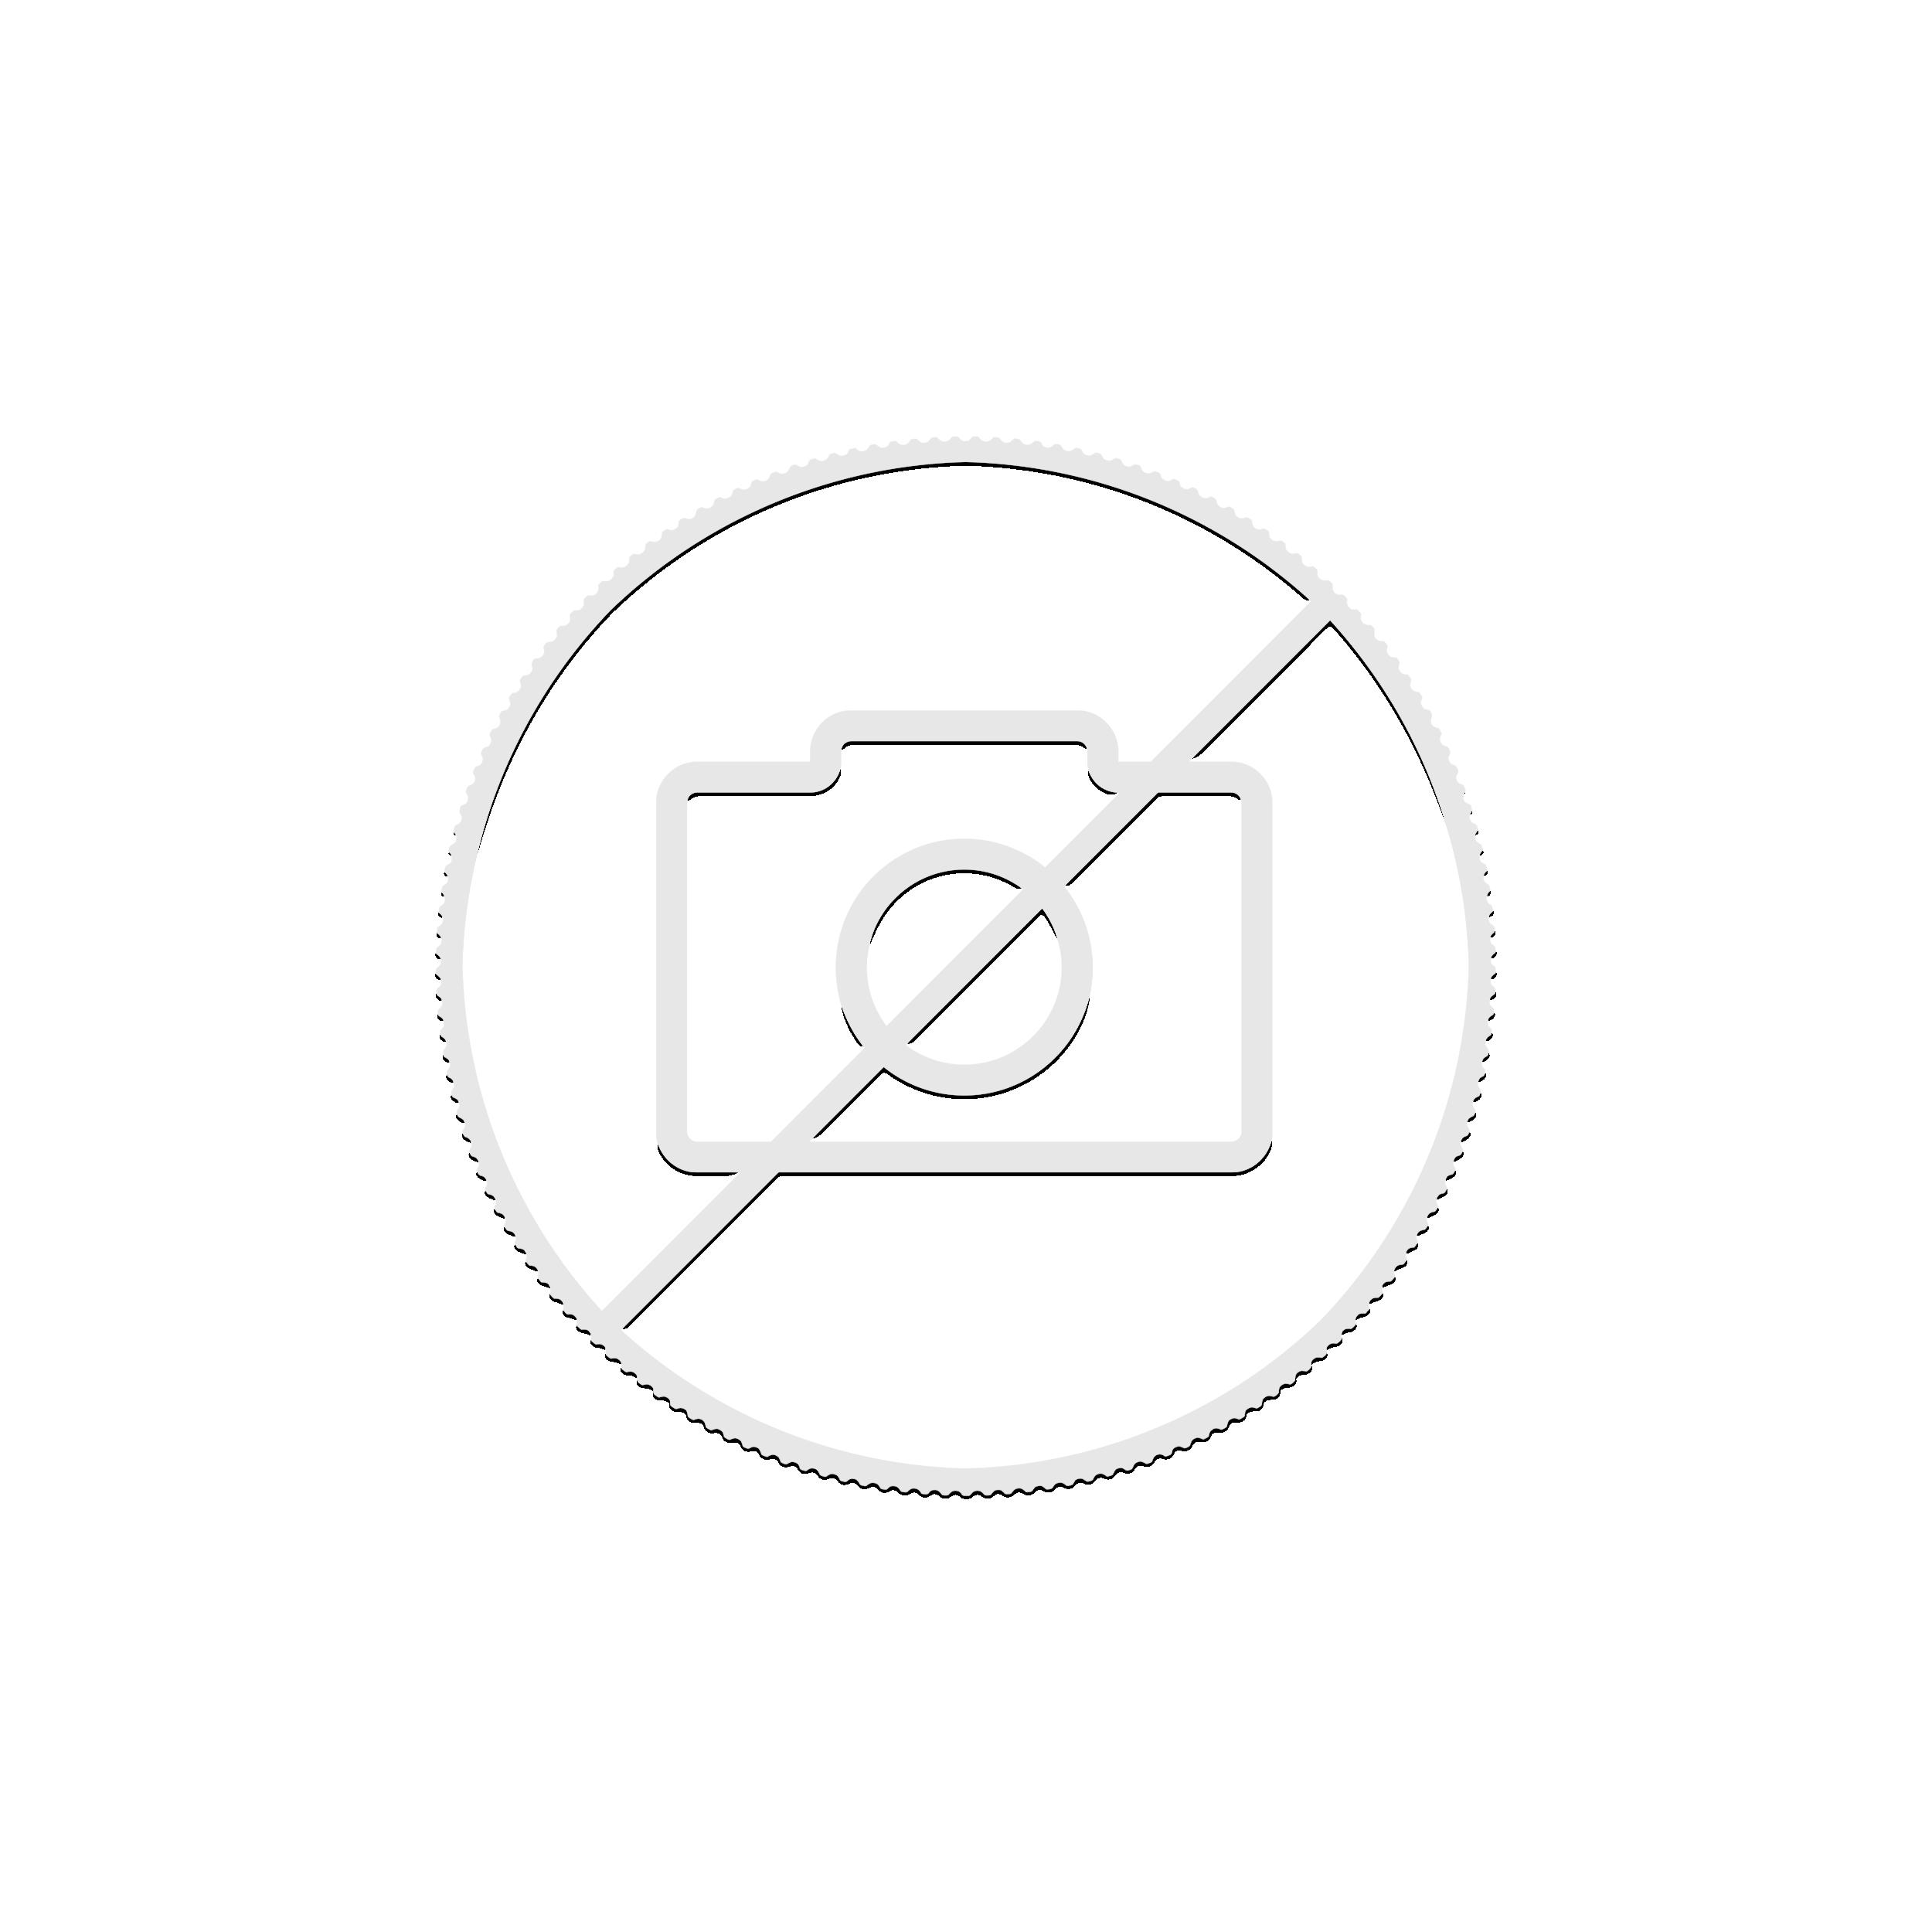 1 Troy ounce silver coin Krugerrand